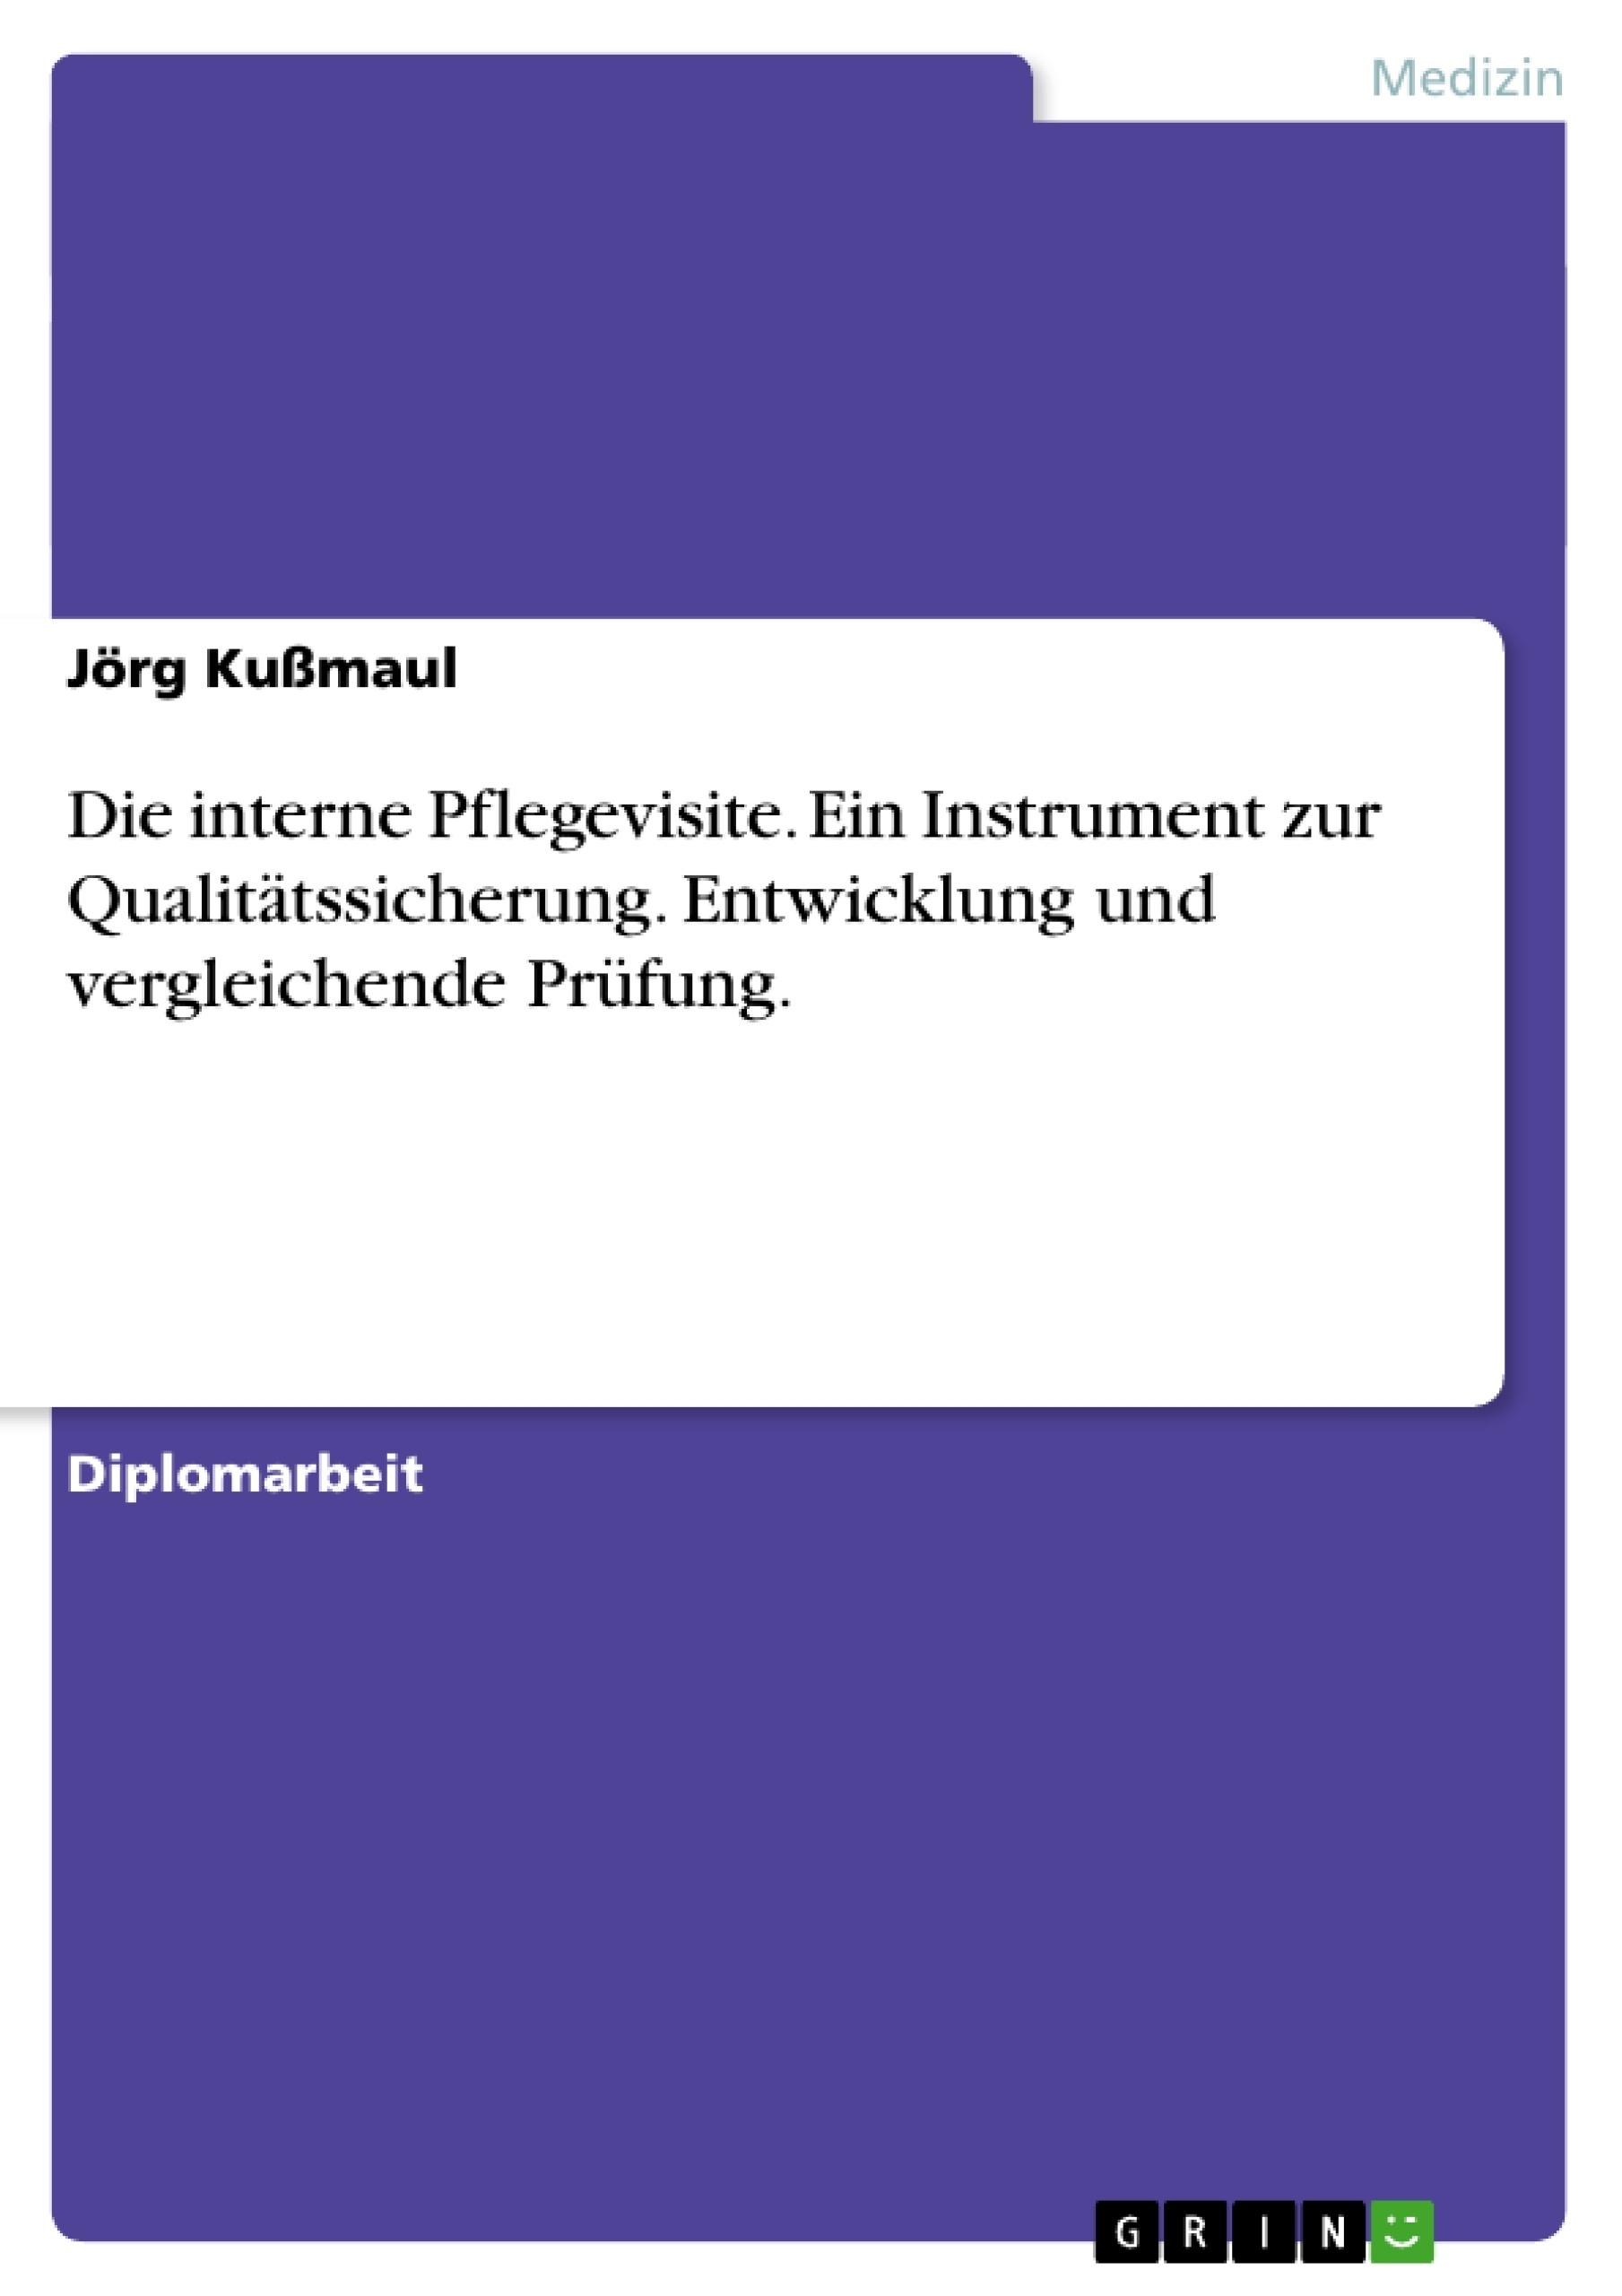 Titel: Die interne Pflegevisite. Ein Instrument zur Qualitätssicherung. Entwicklung und vergleichende Prüfung.